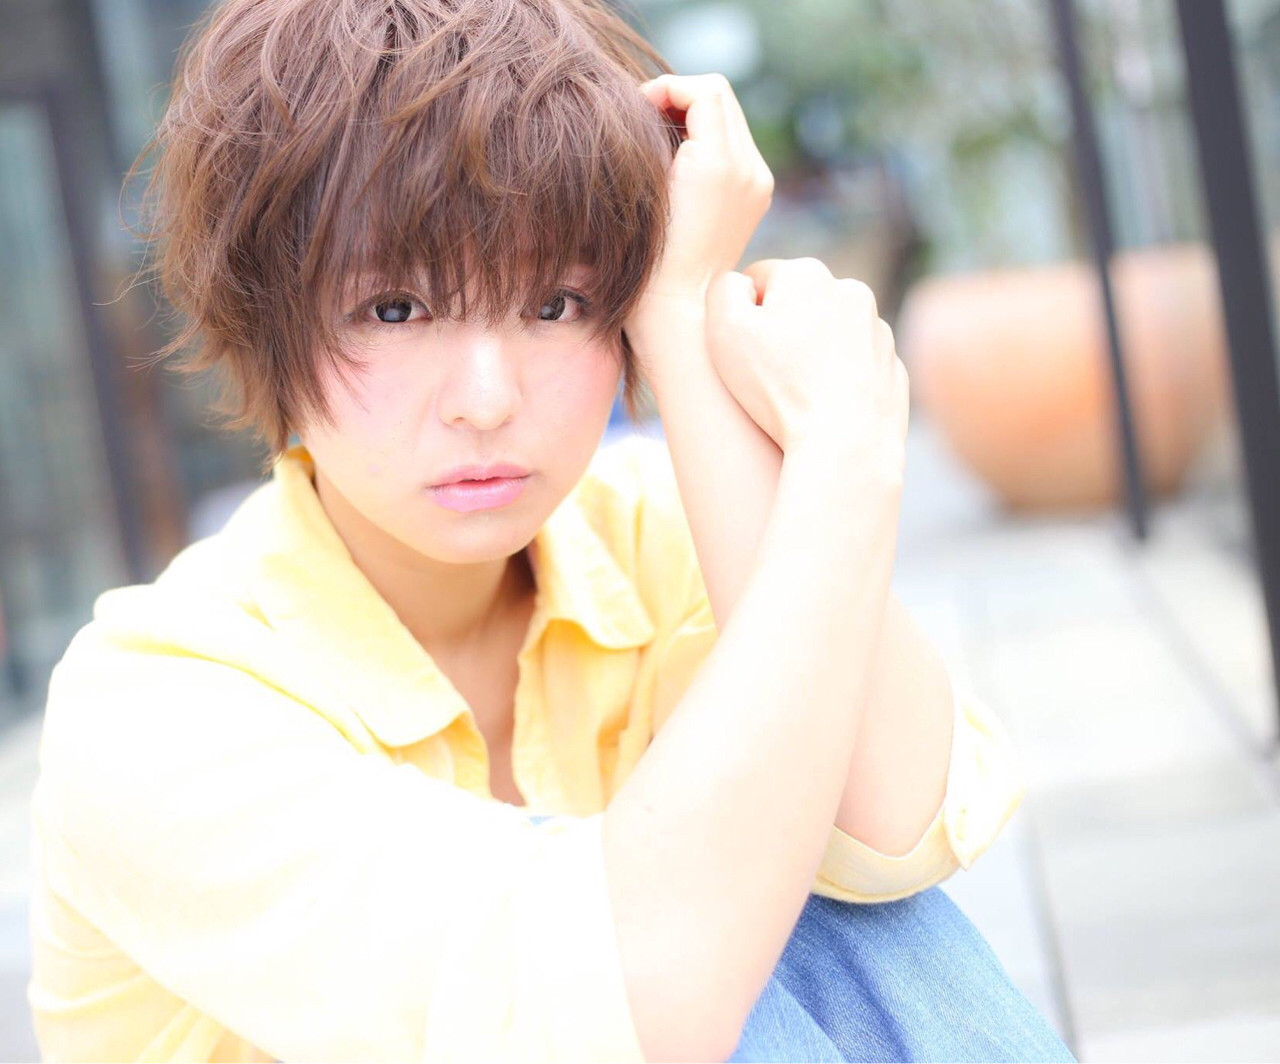 モテ髪 ナチュラル パーマ ボブ ヘアスタイルや髪型の写真・画像 | 梅澤勇人 / DAMIA by LuLu